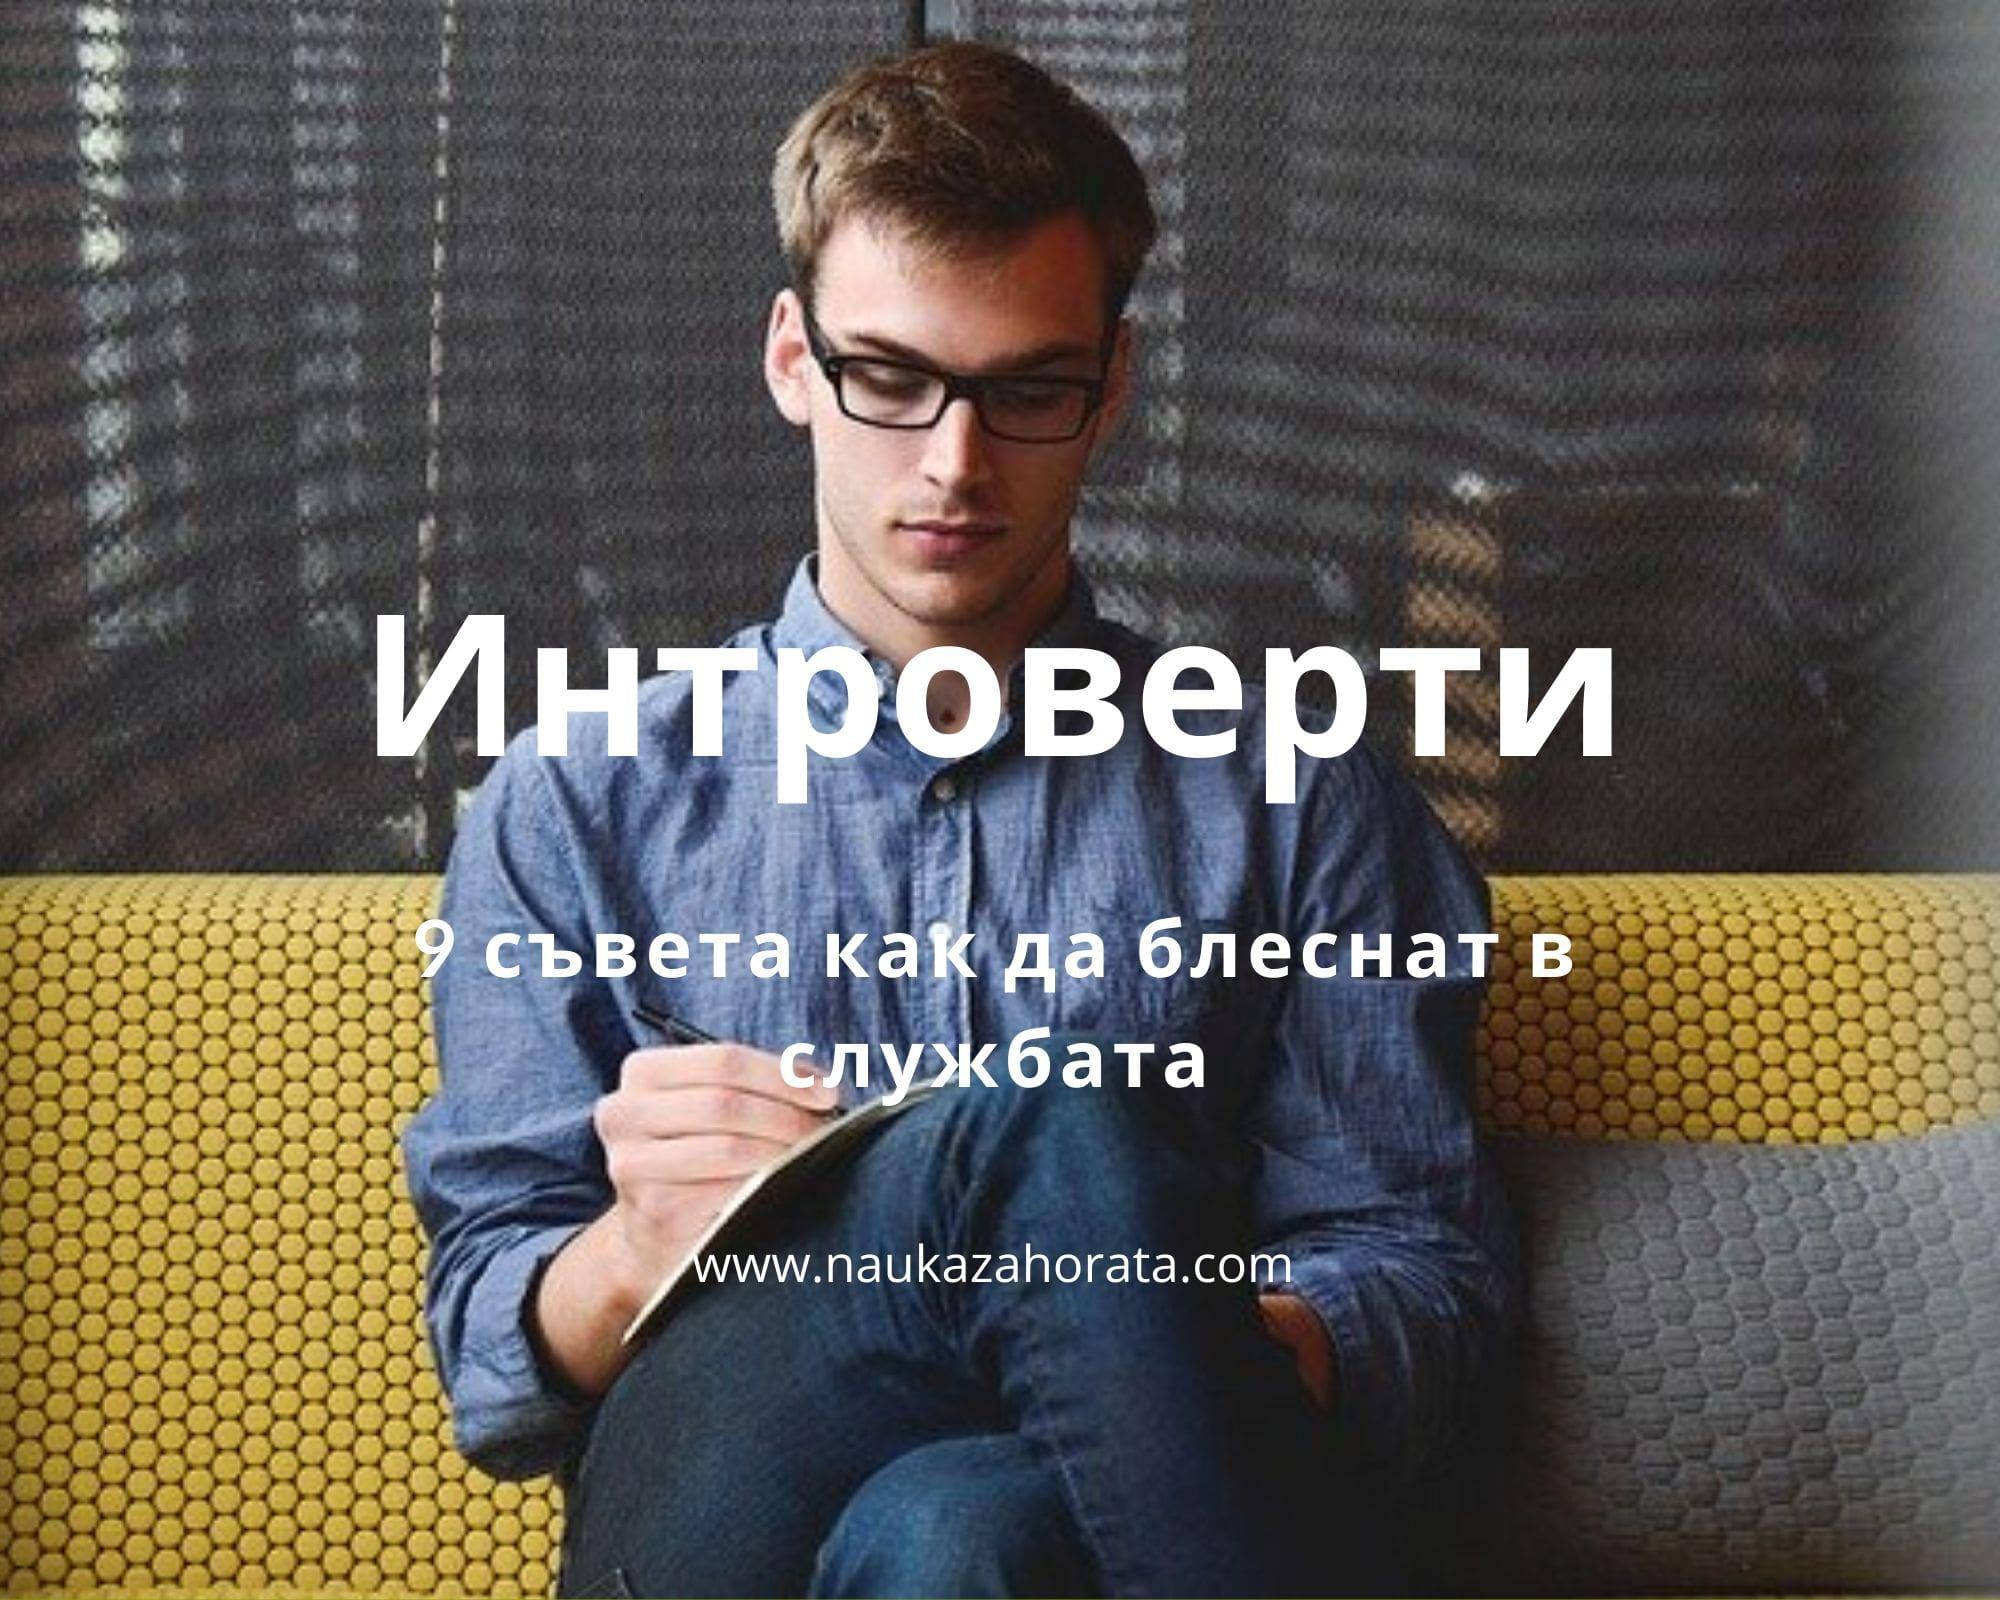 млад мъж с очила, който записва нещо в бележника си - интроверти